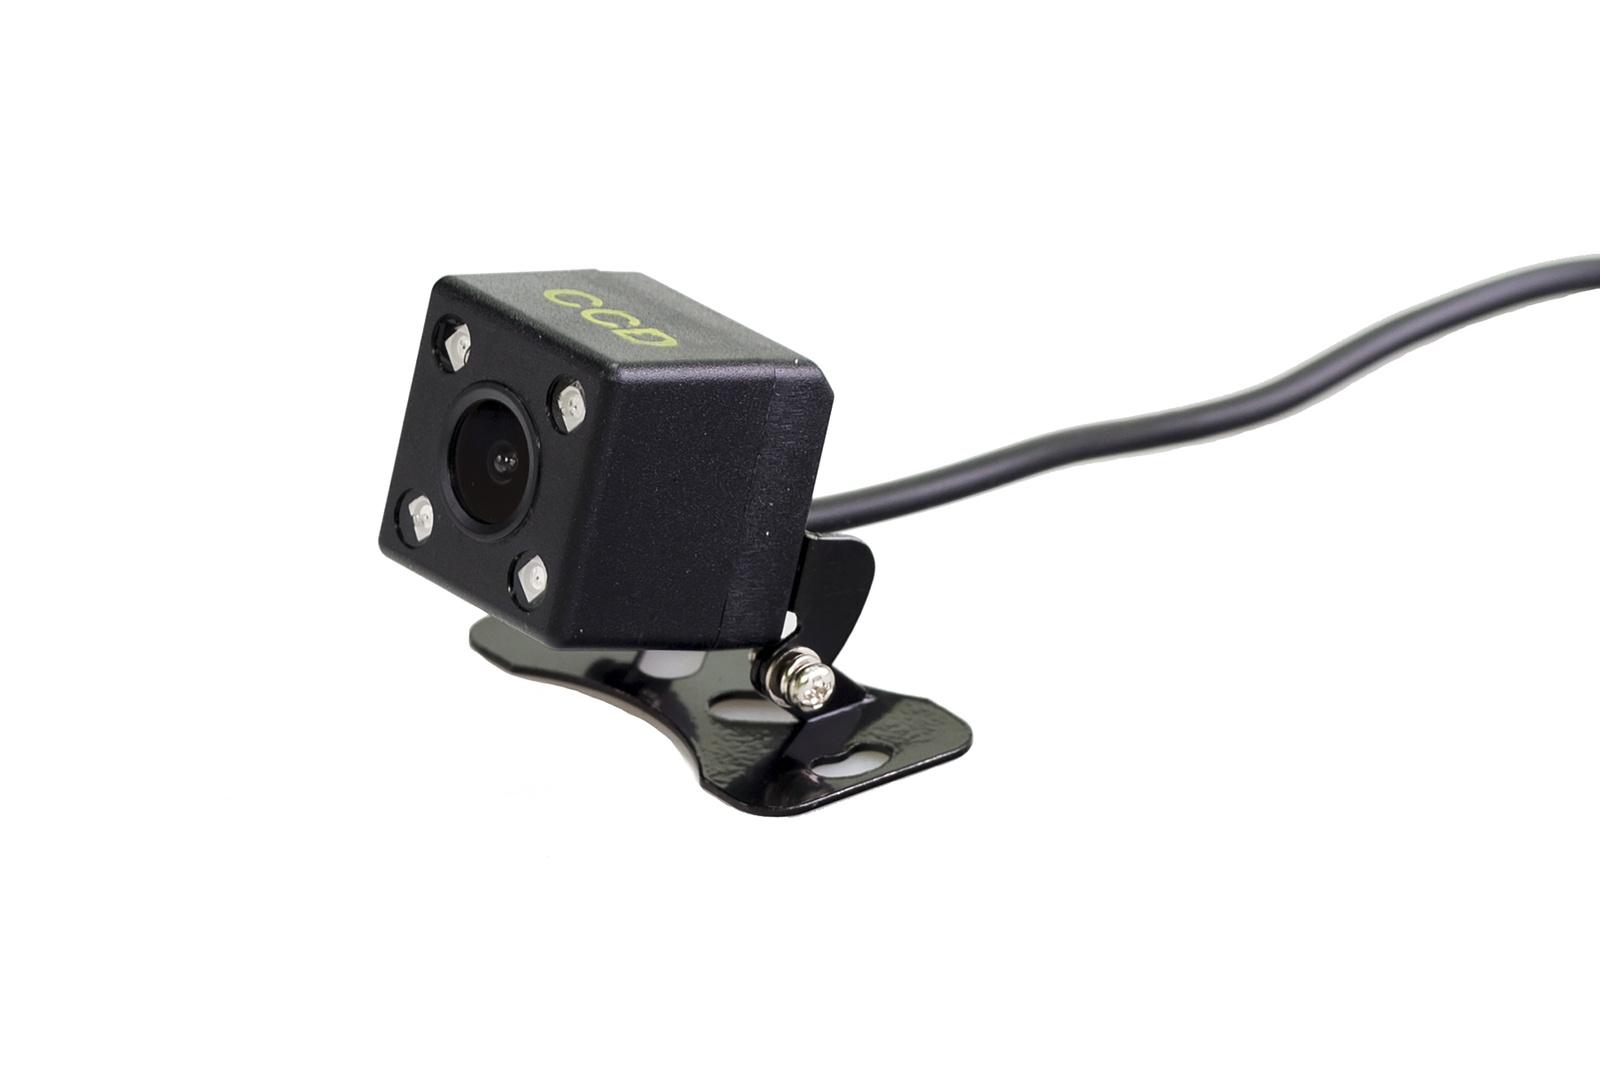 Камера заднего вида Silverstone F1 Interpower IP-662 IR с ИК подсветкой и разметкой, Cam-IP-662IR, черный ip камера xvi xi2010cisp ir